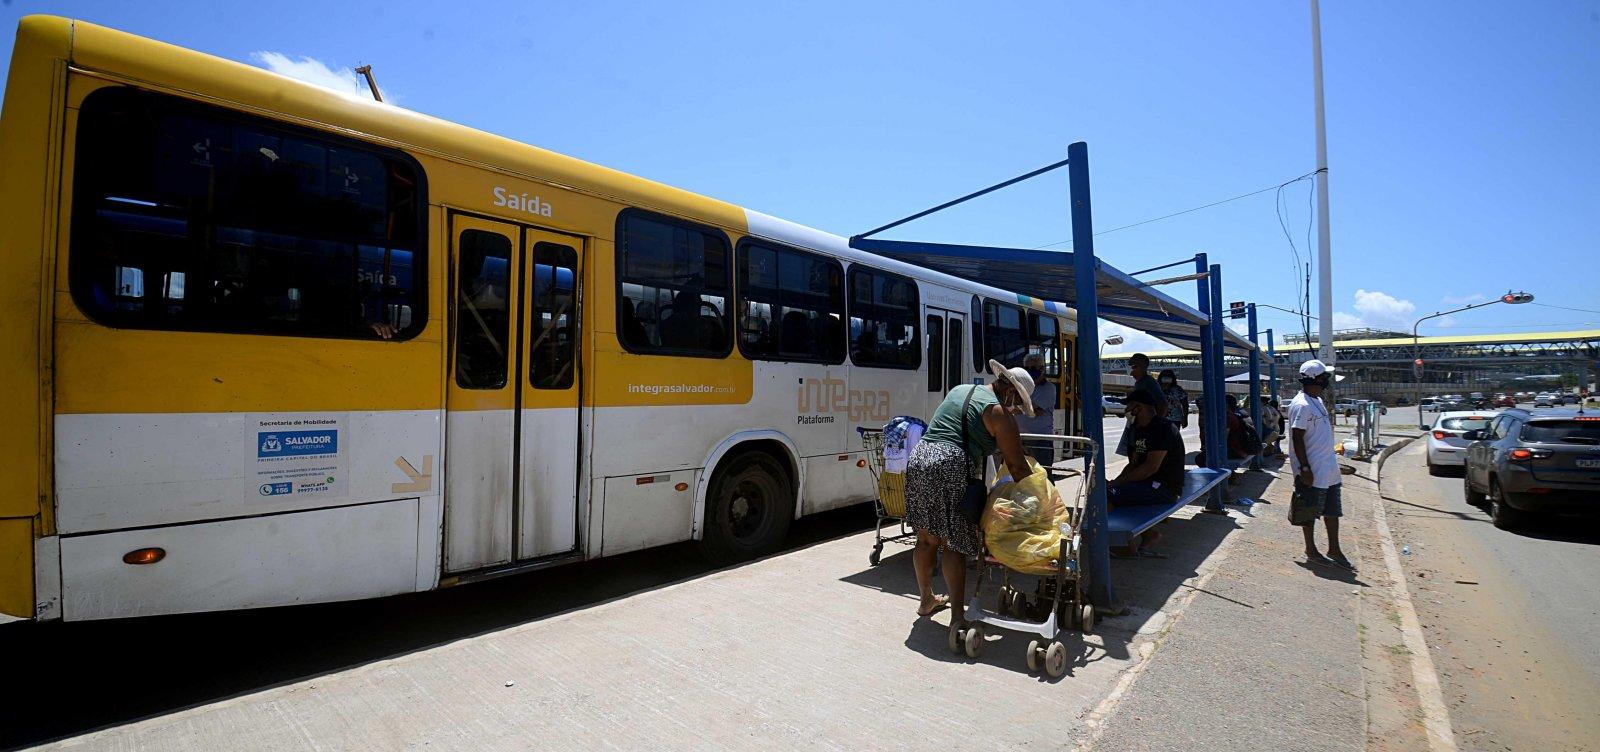 [Prefeitura adota 100% da frota de ônibus em horários de pico a partir desta terça]